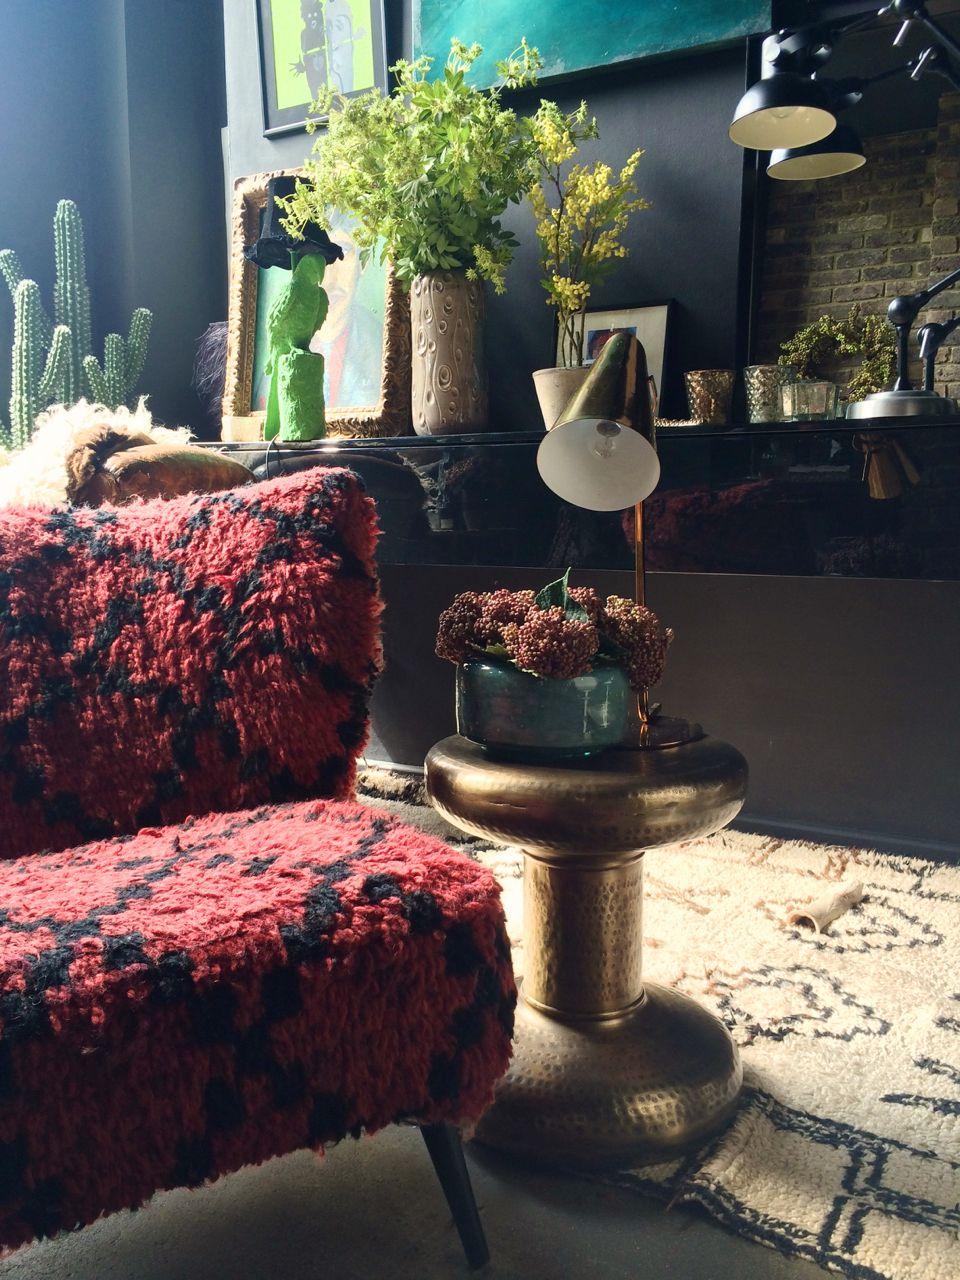 The chair and the sidetable - oooooo